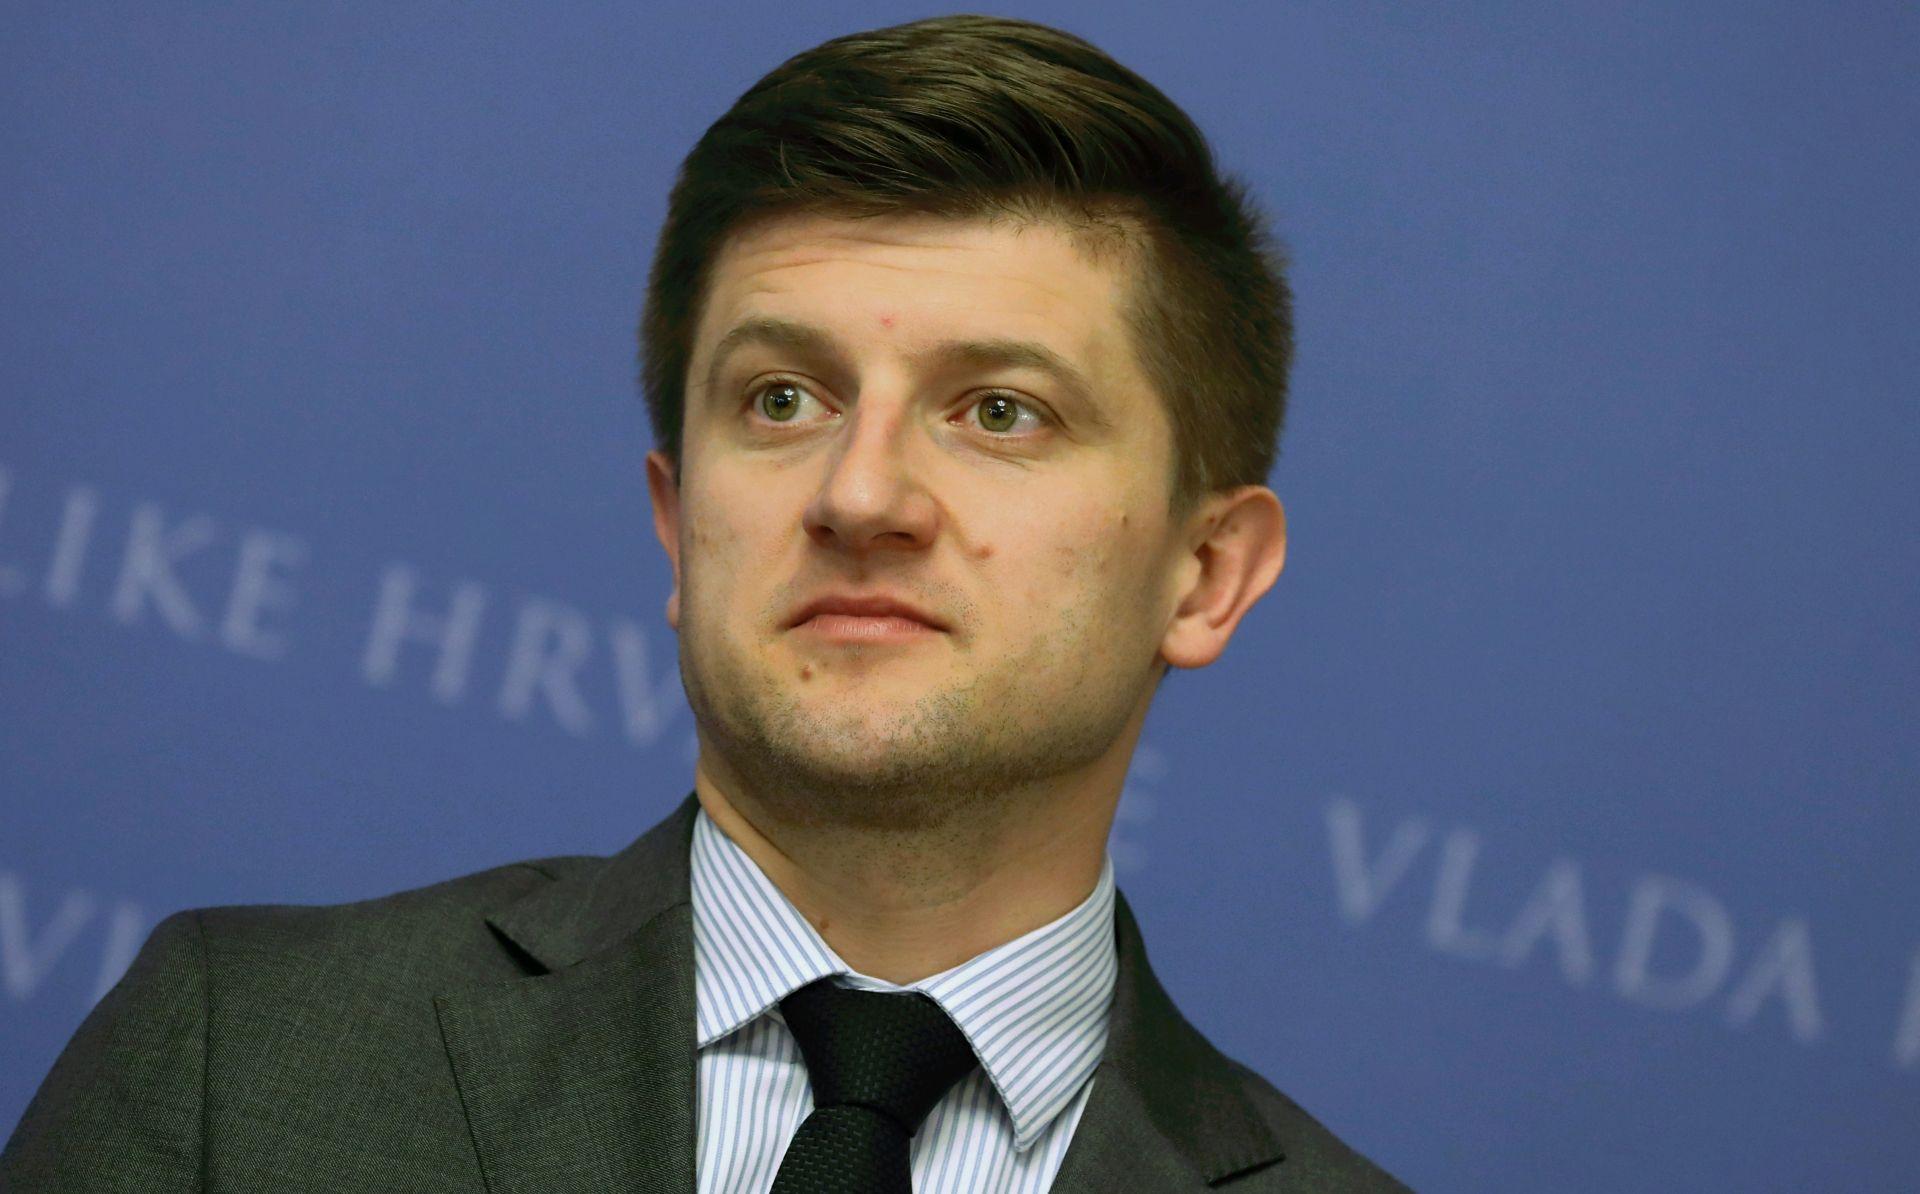 Z. MARIĆ 'Vlada funkcionira normalno, nisam imao razloga sumnjati na probleme u Agrokoru'